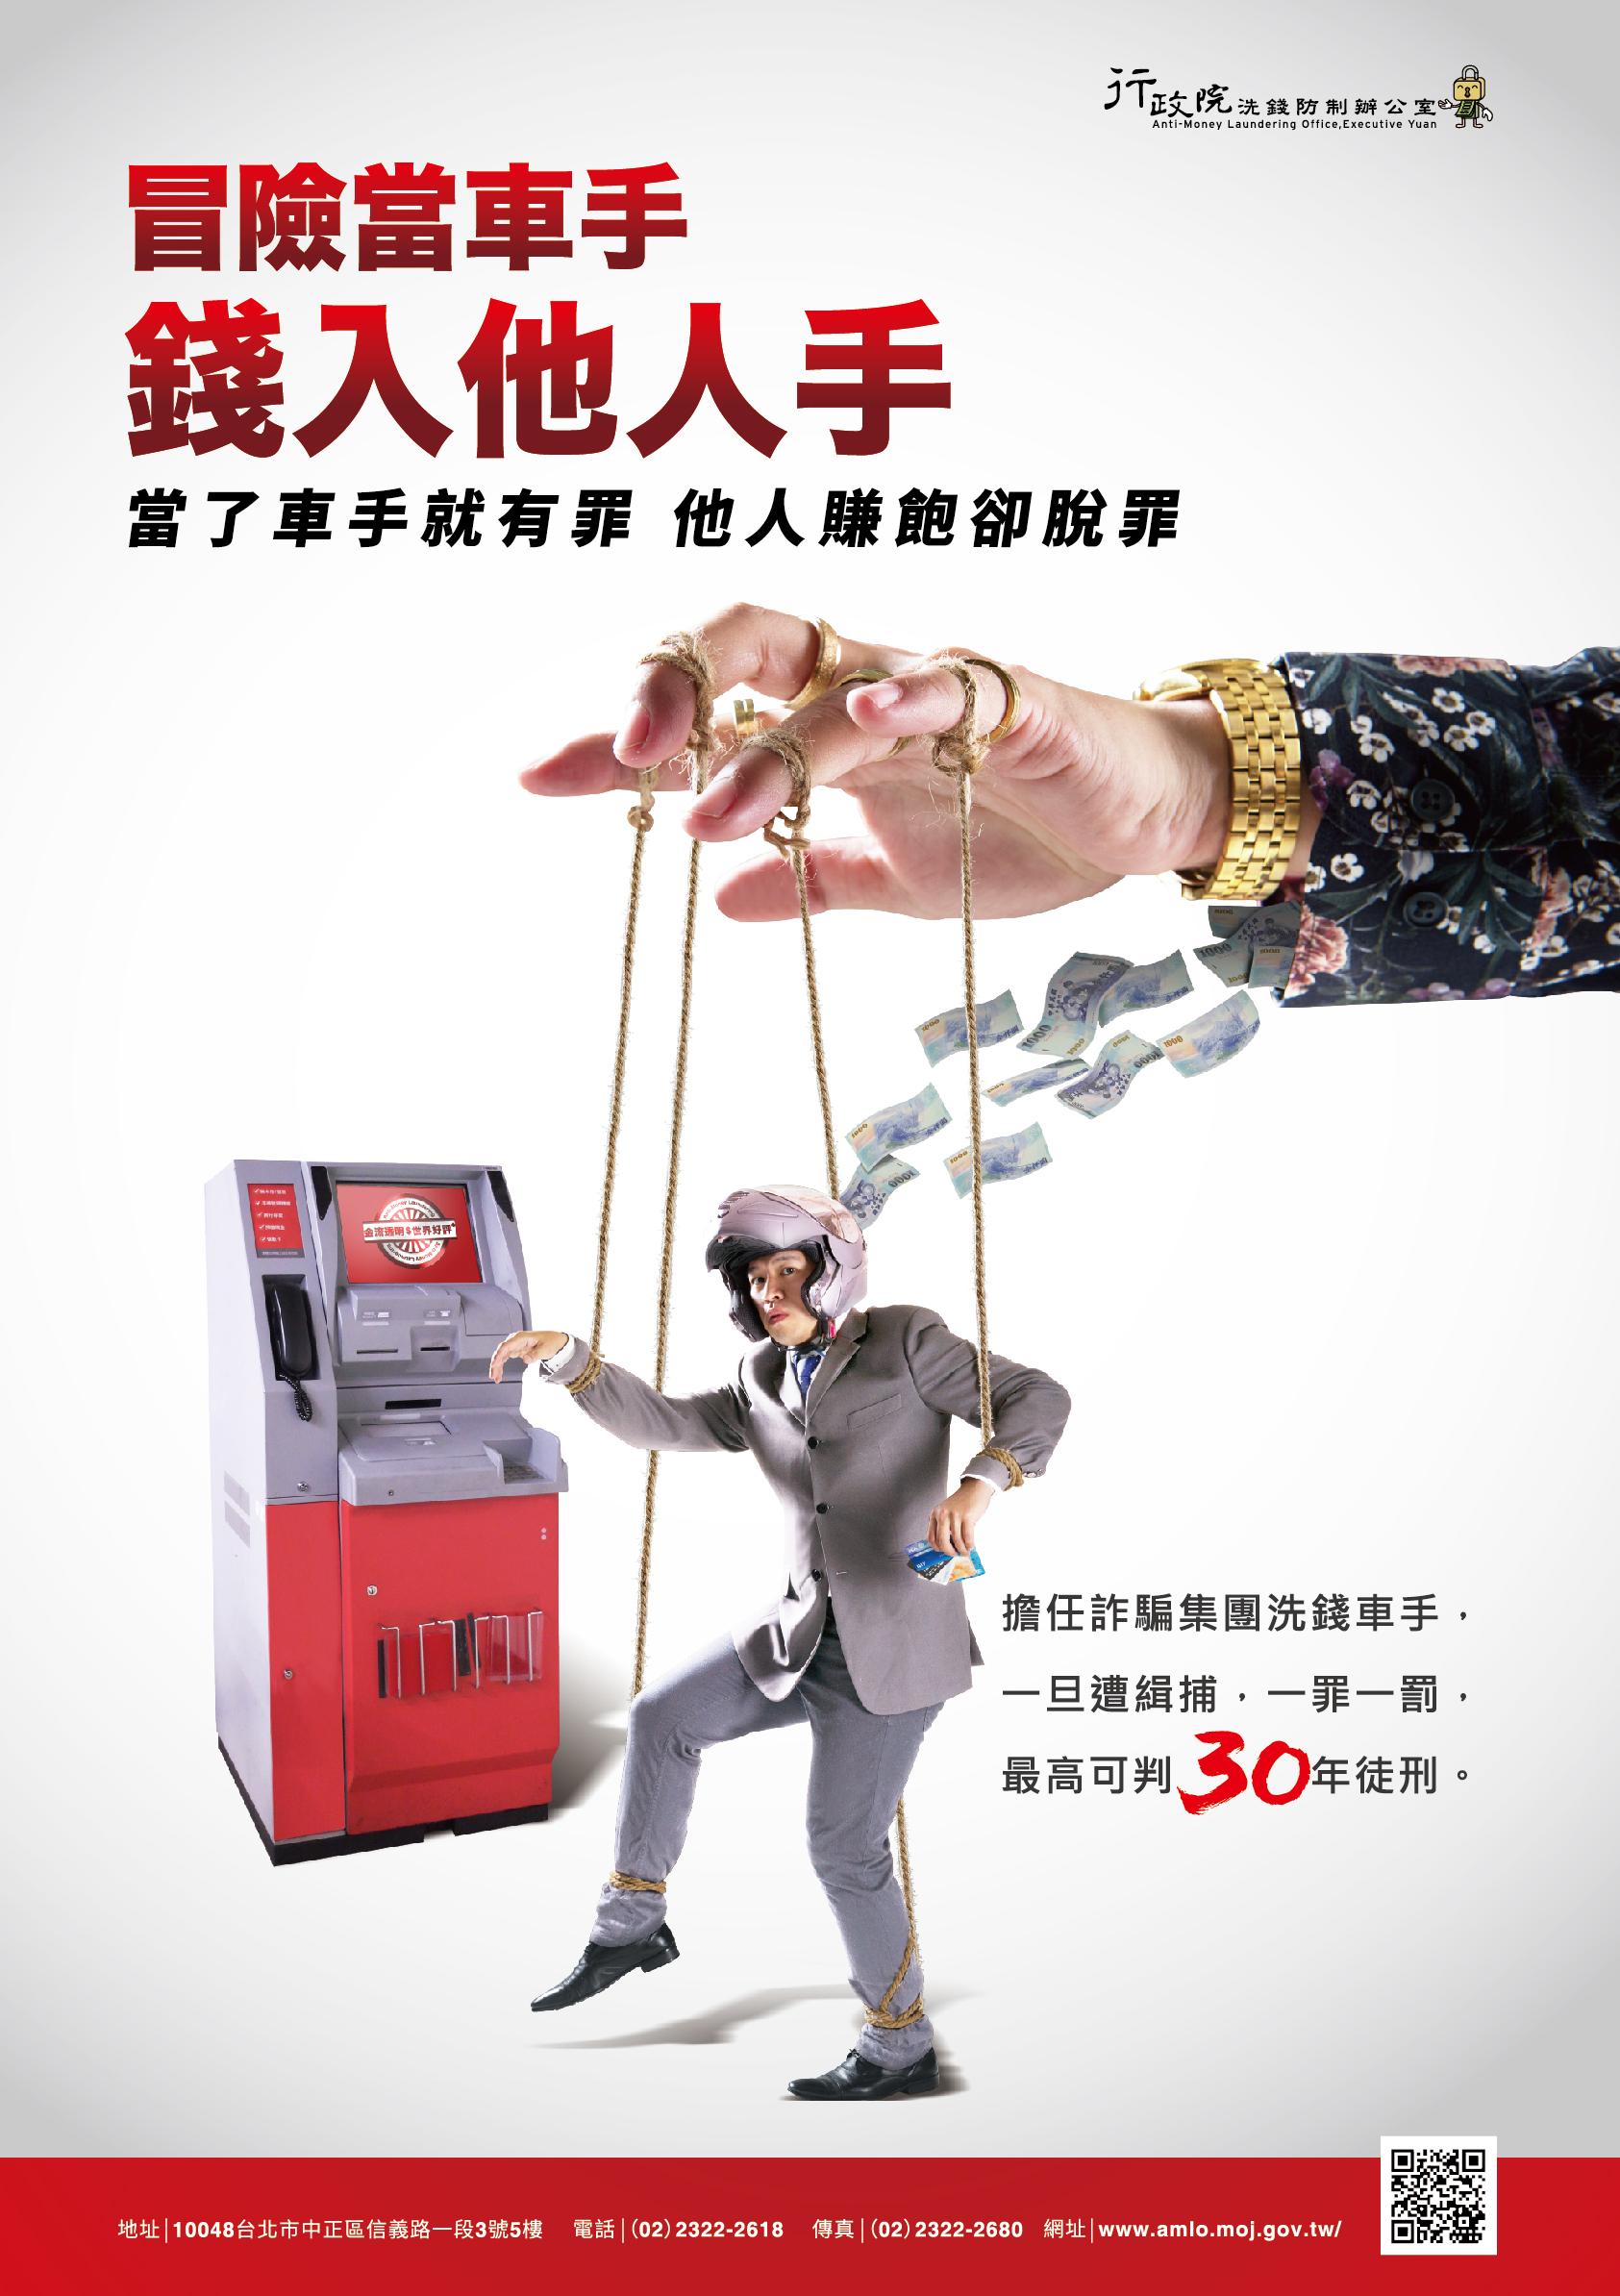 10_行政院洗錢防制-海報設計-勿當車手-A1-01